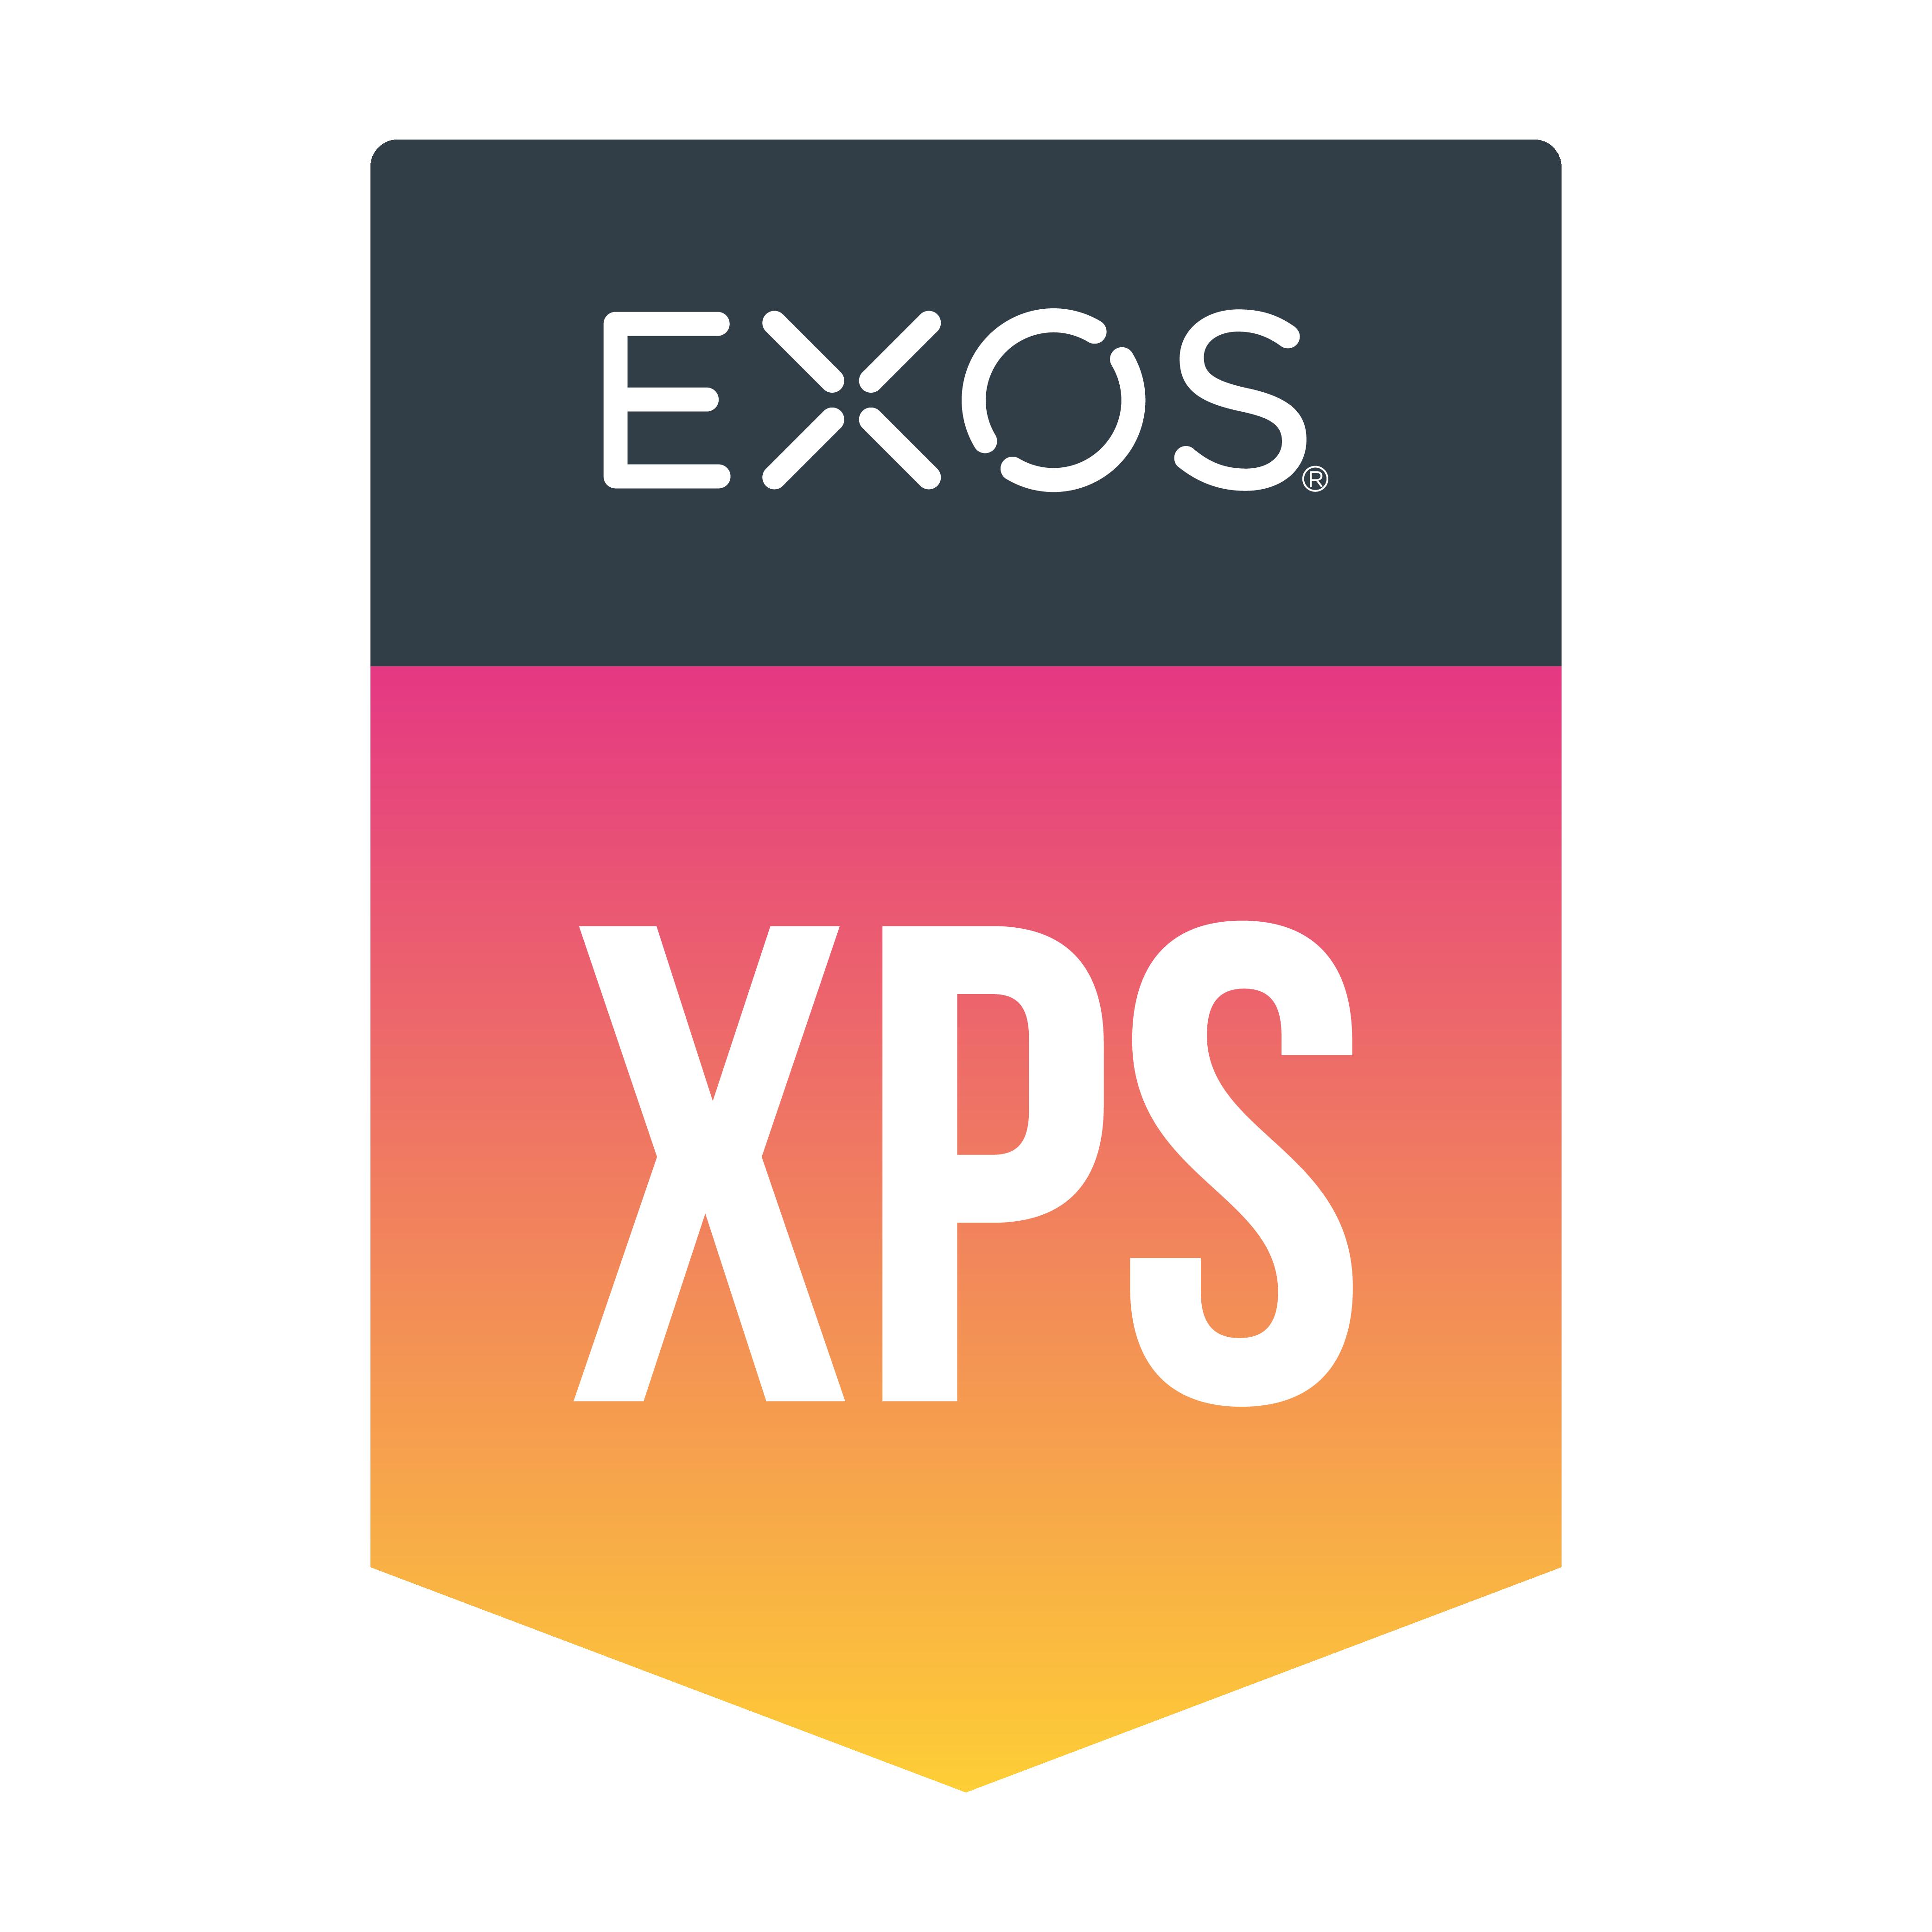 EXOS XPS Certified Logo